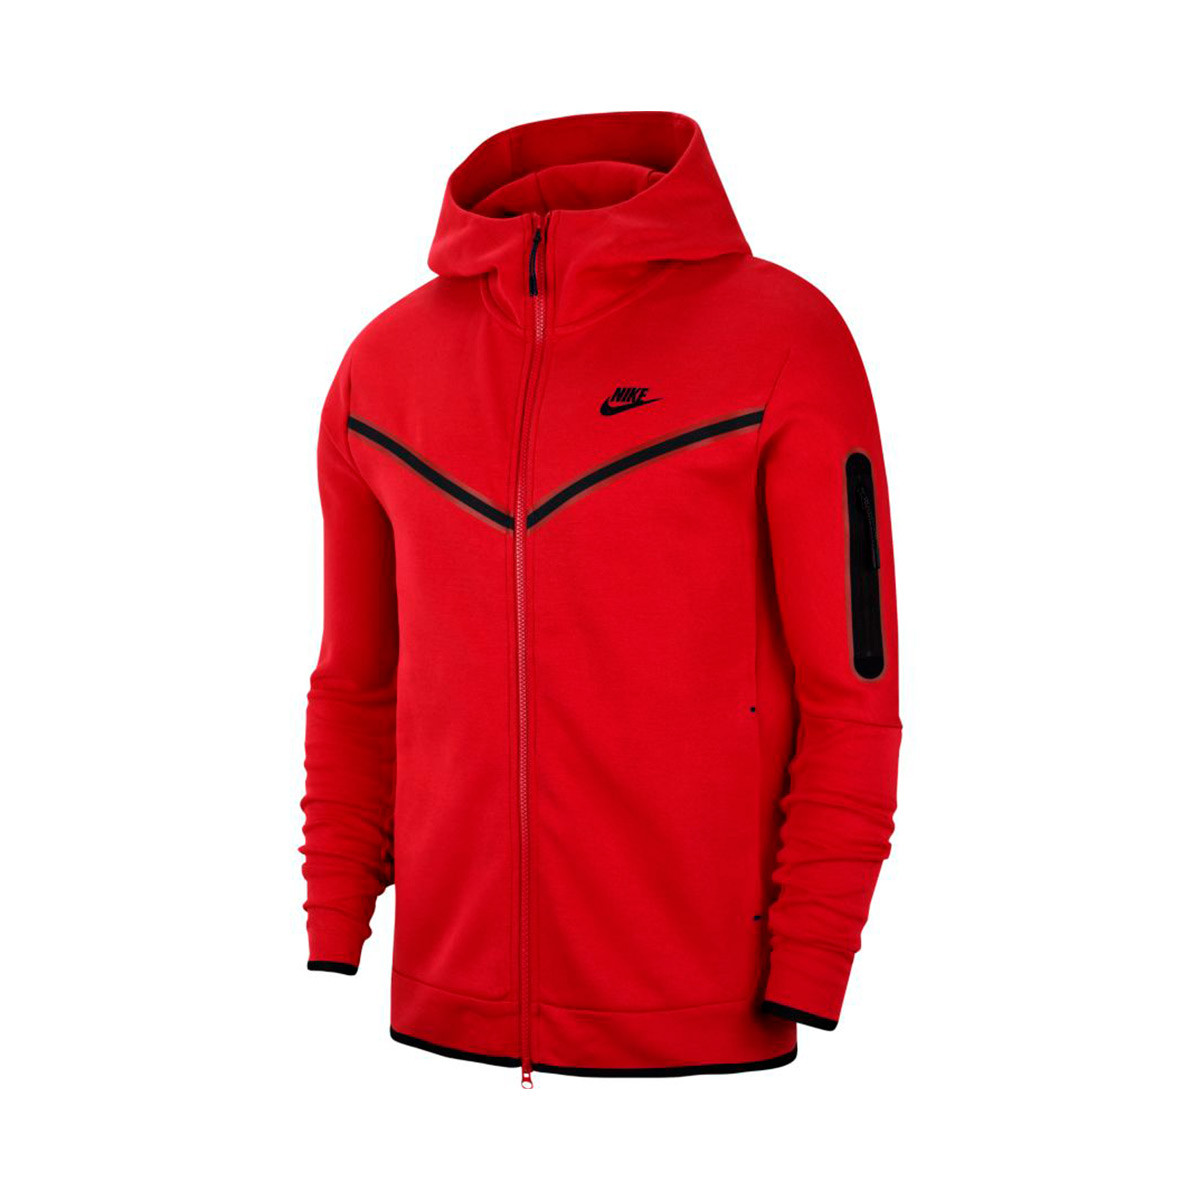 Jacket Nike Sportswear Tech Fleece Hoodie Full Zip University Red Black Football Store Futbol Emotion